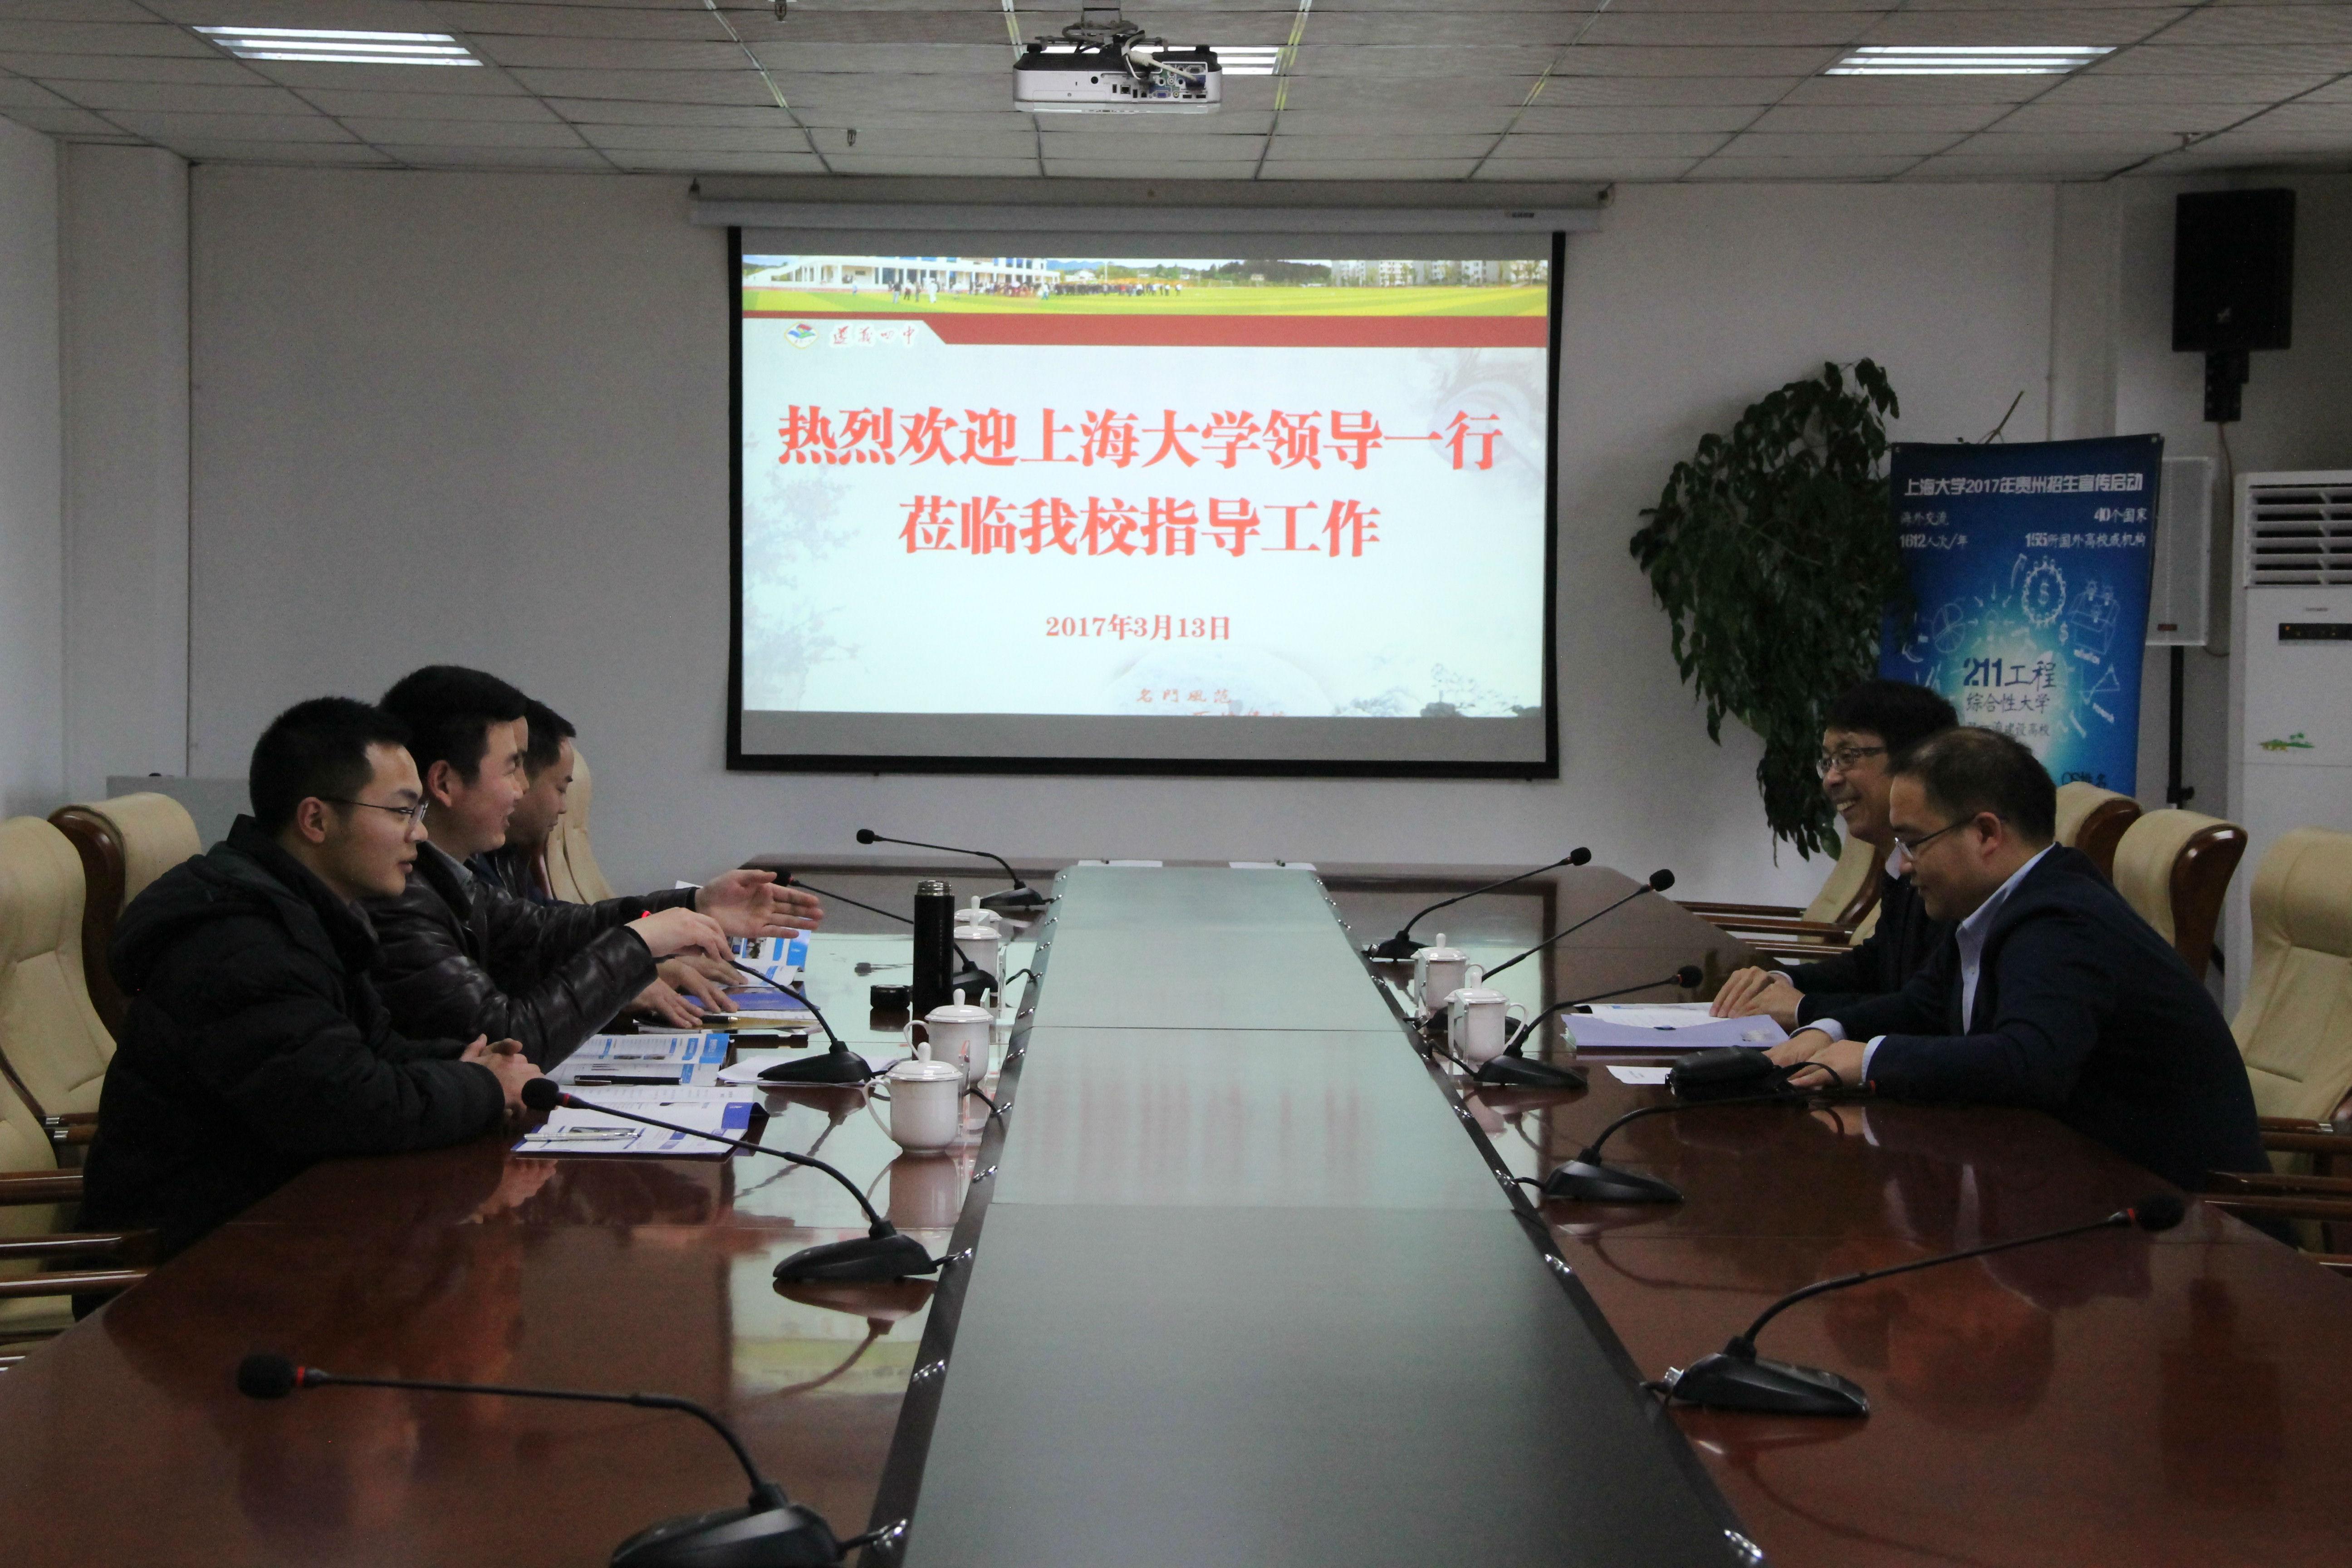 【生源基地】遵义四中与上海大学签署《优质生源基地协议书》